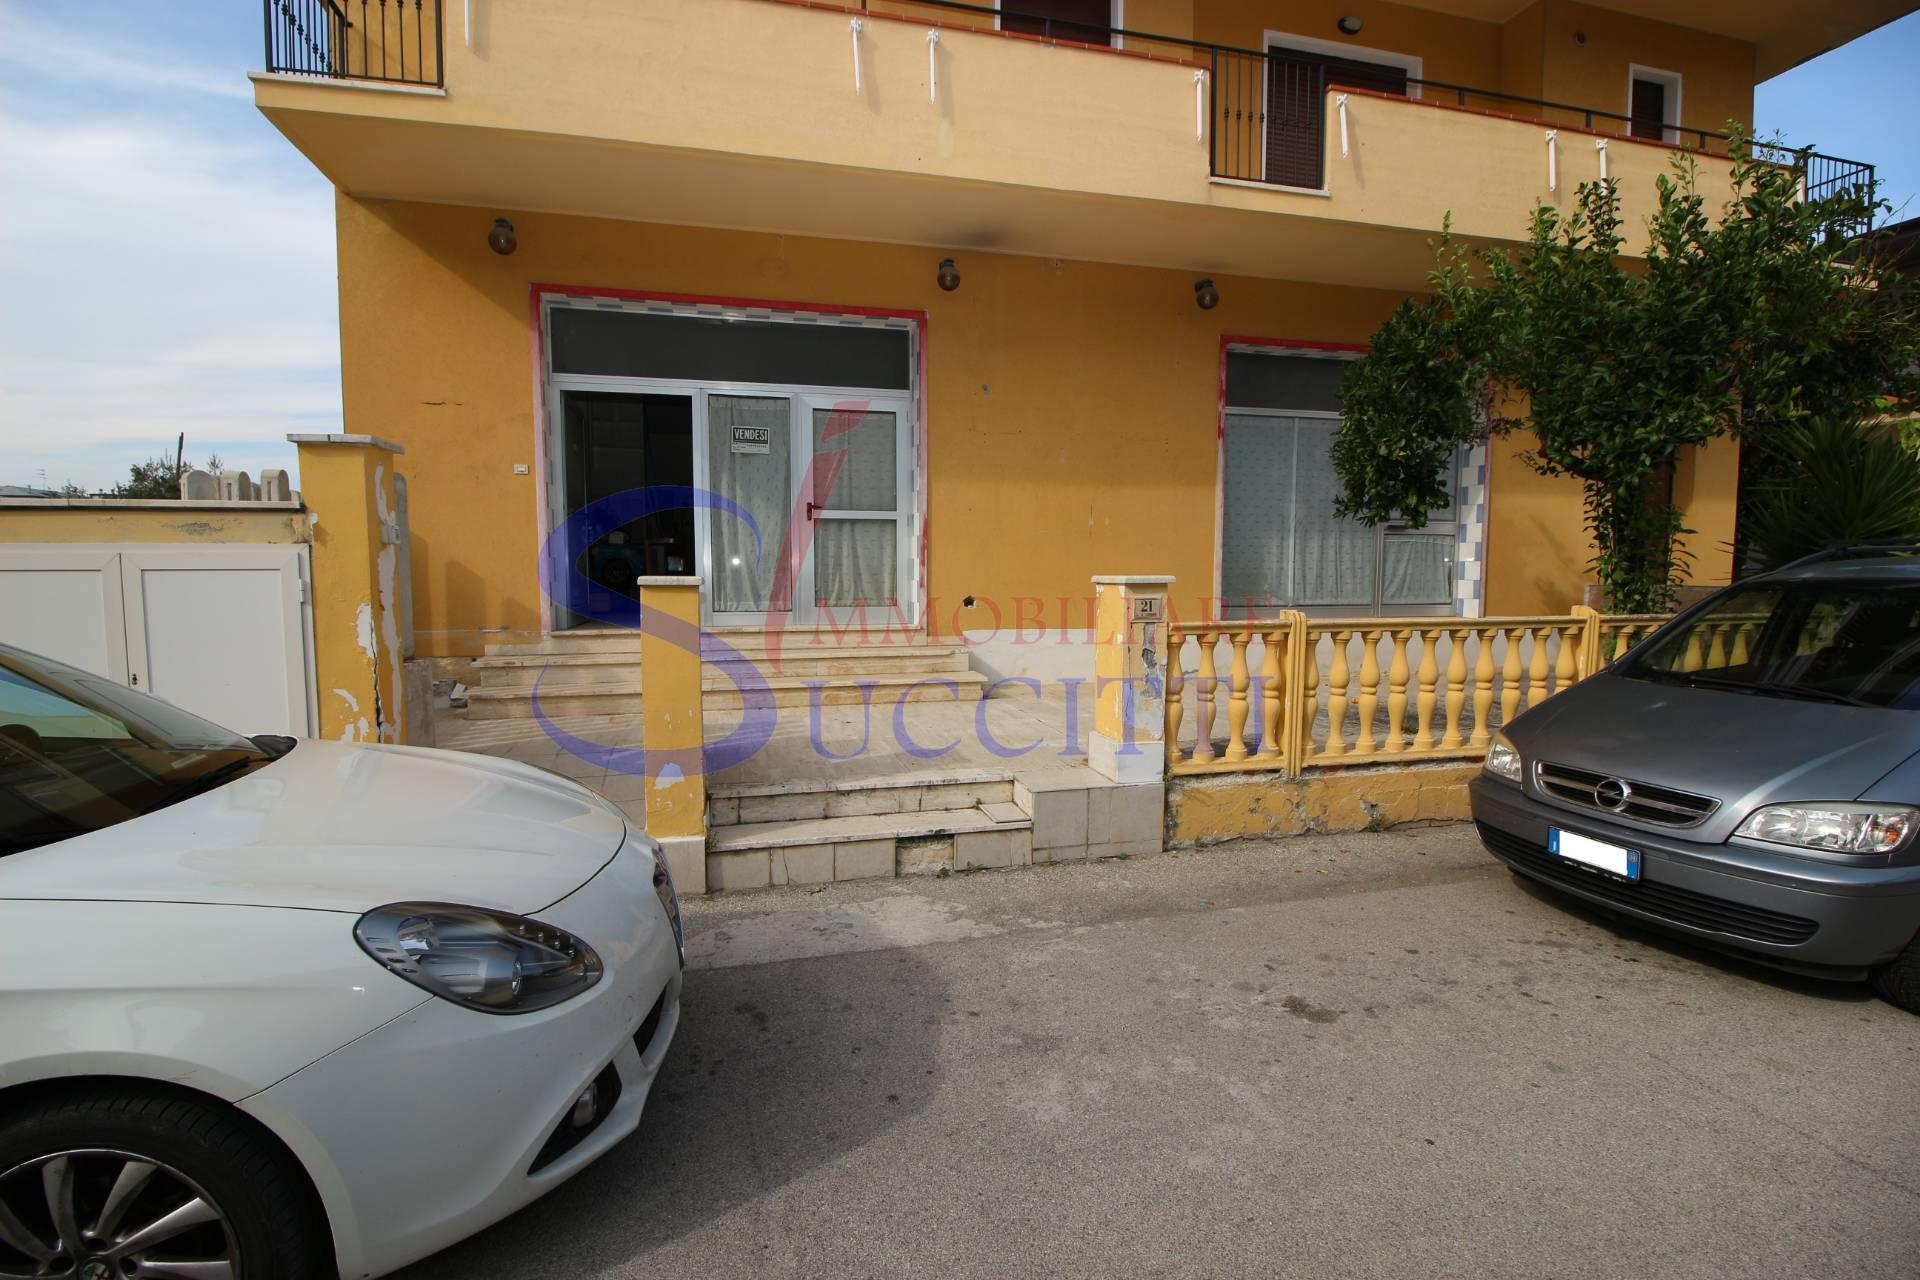 Appartamento in vendita a Alba Adriatica, 2 locali, zona Località: ZonaMare, prezzo € 135.000 | CambioCasa.it